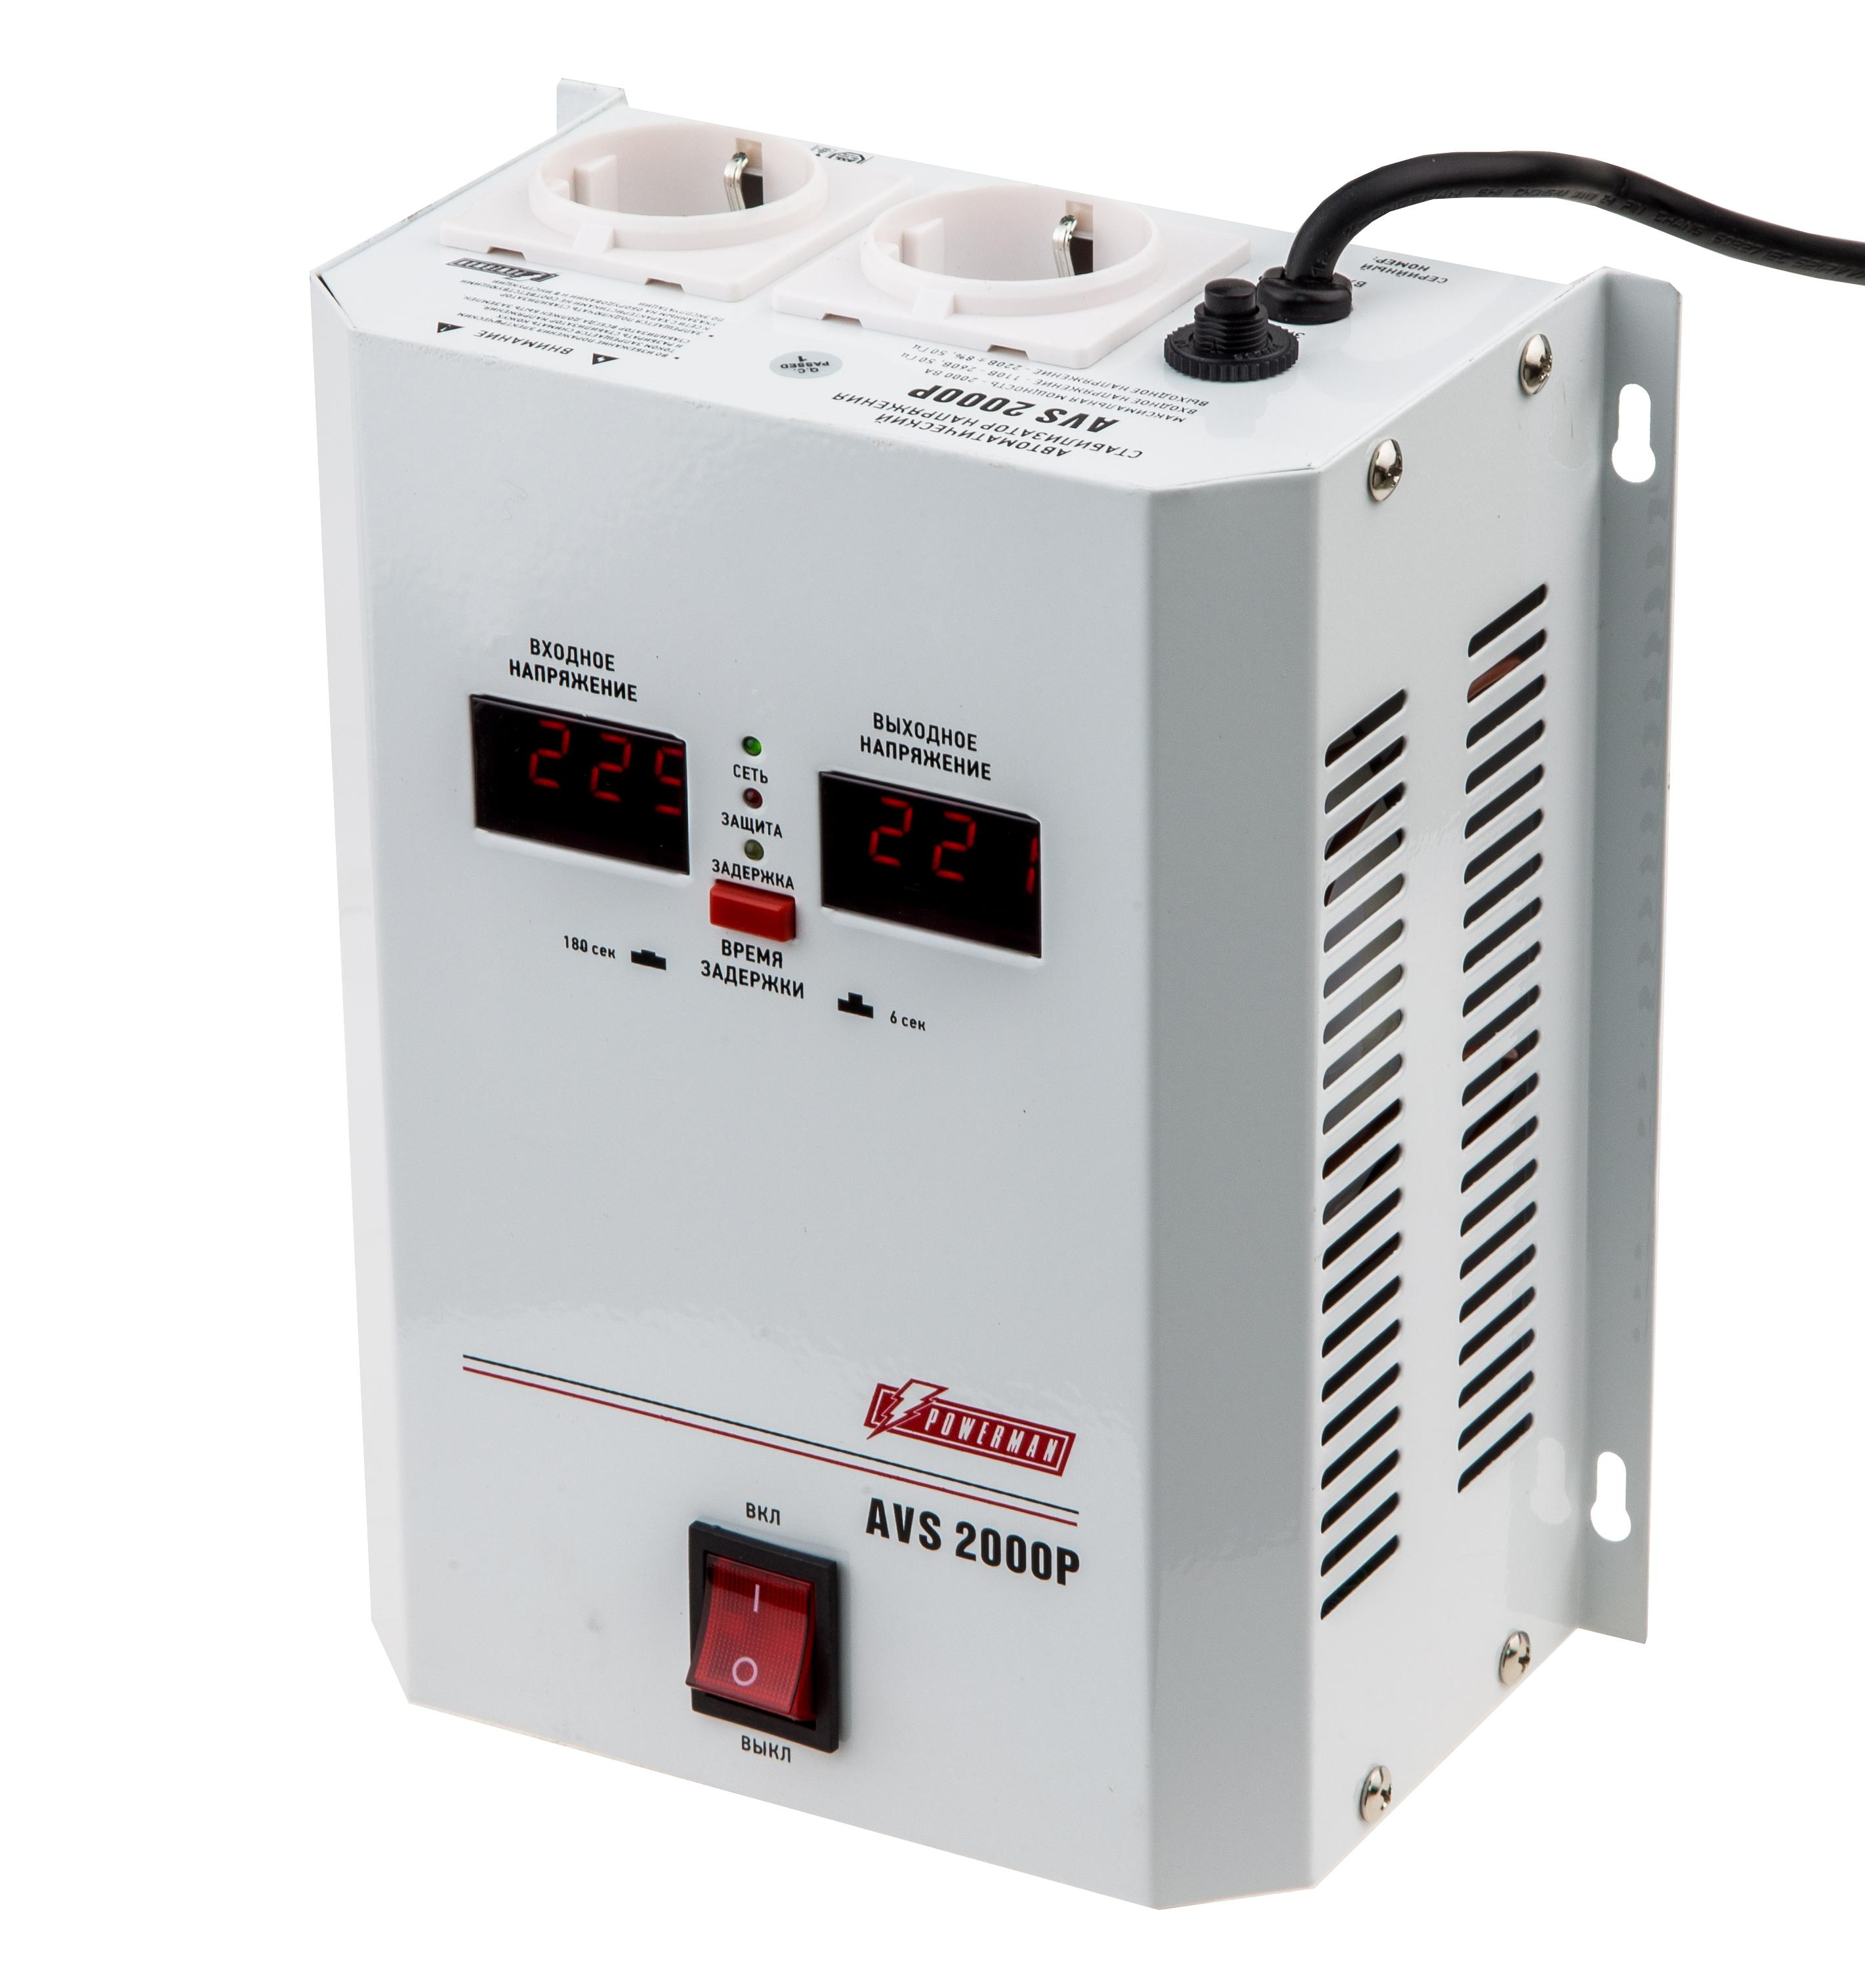 Стабилизатор напряжения Powerman Avs 2000p стабилизатор напряжения powerman avs 15000d avs 15000d